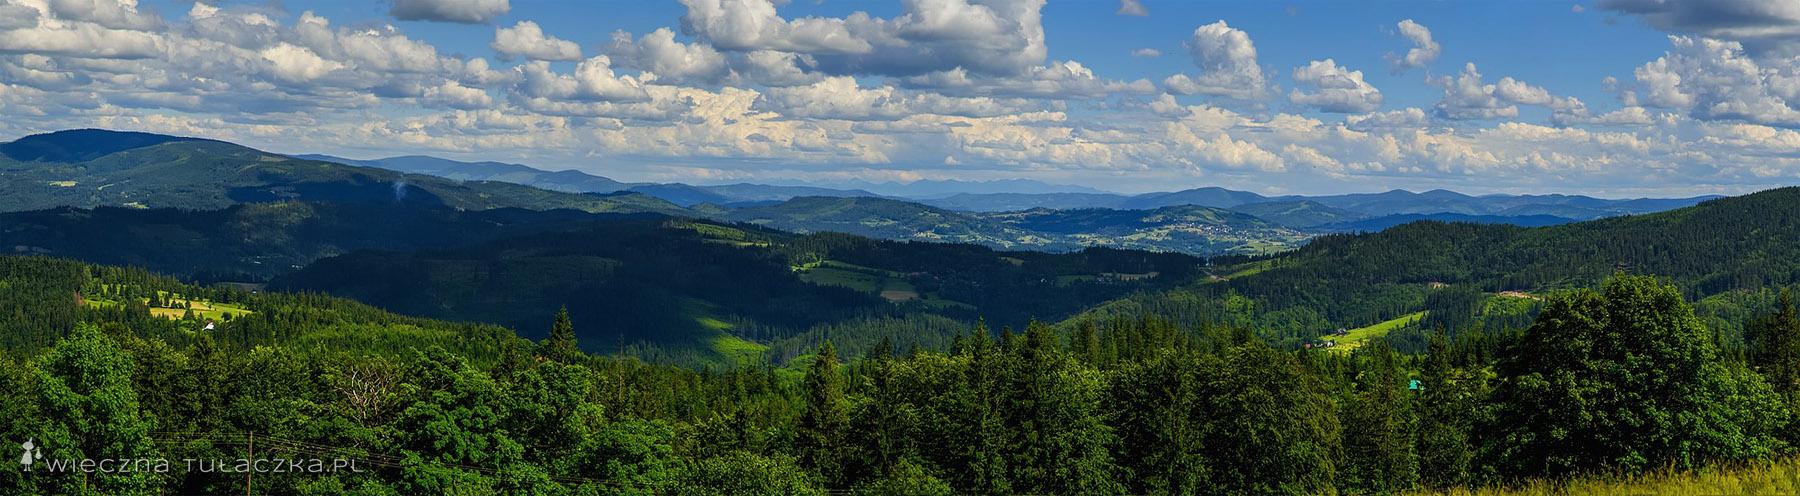 Cieślar - panorama na południowy-wschód